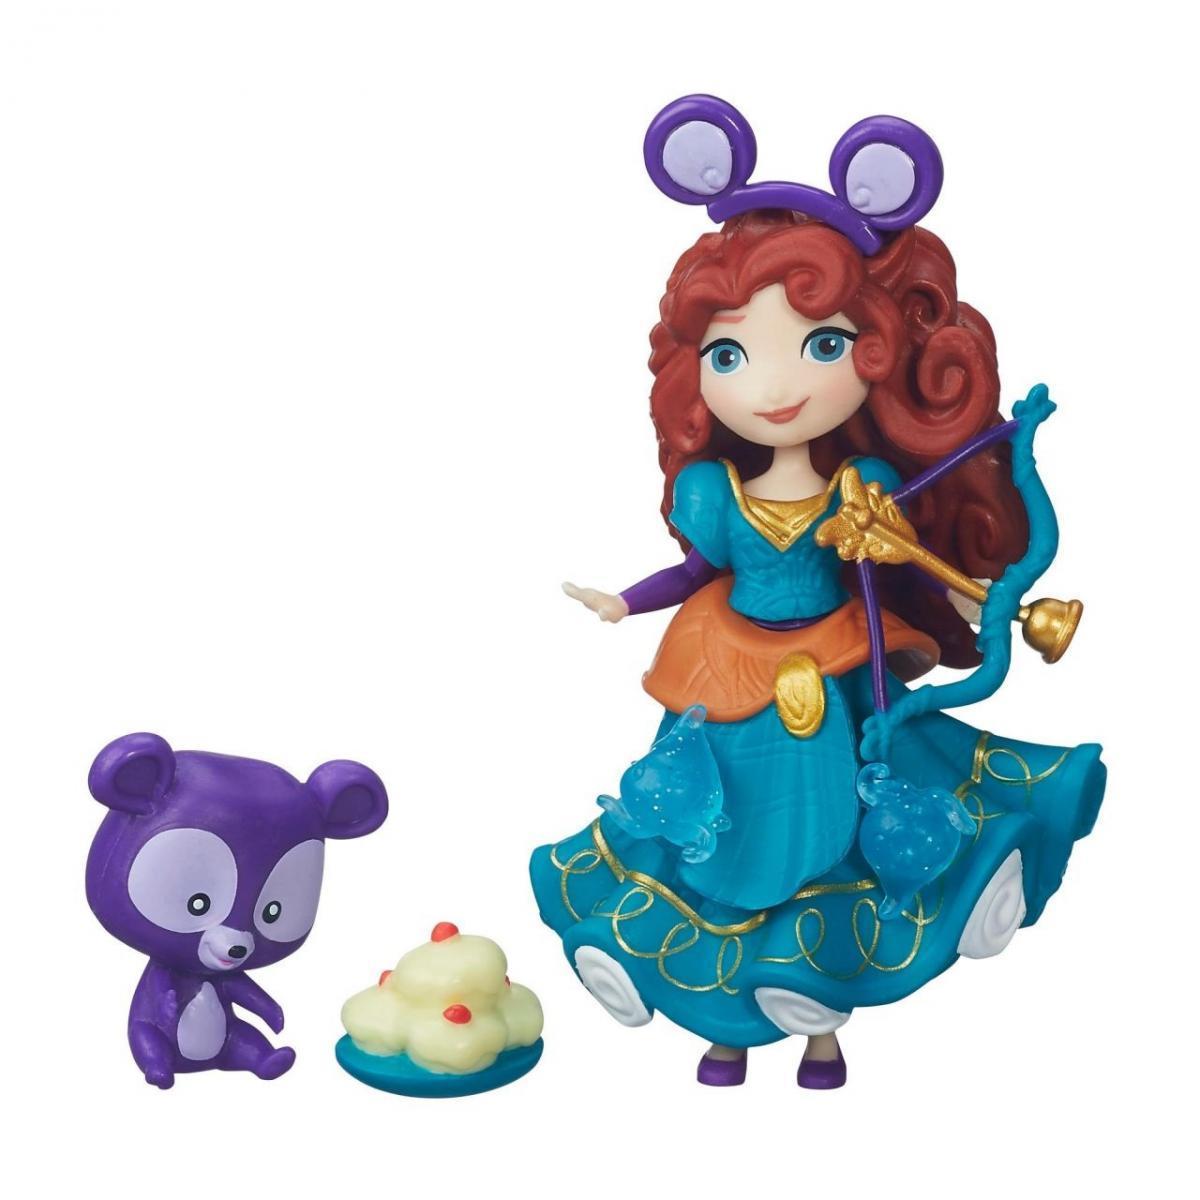 Игровой набор  Hasbro Disney Princess 7.5 см-маленькая кукла Принцесса и ее друг Мерида B5332